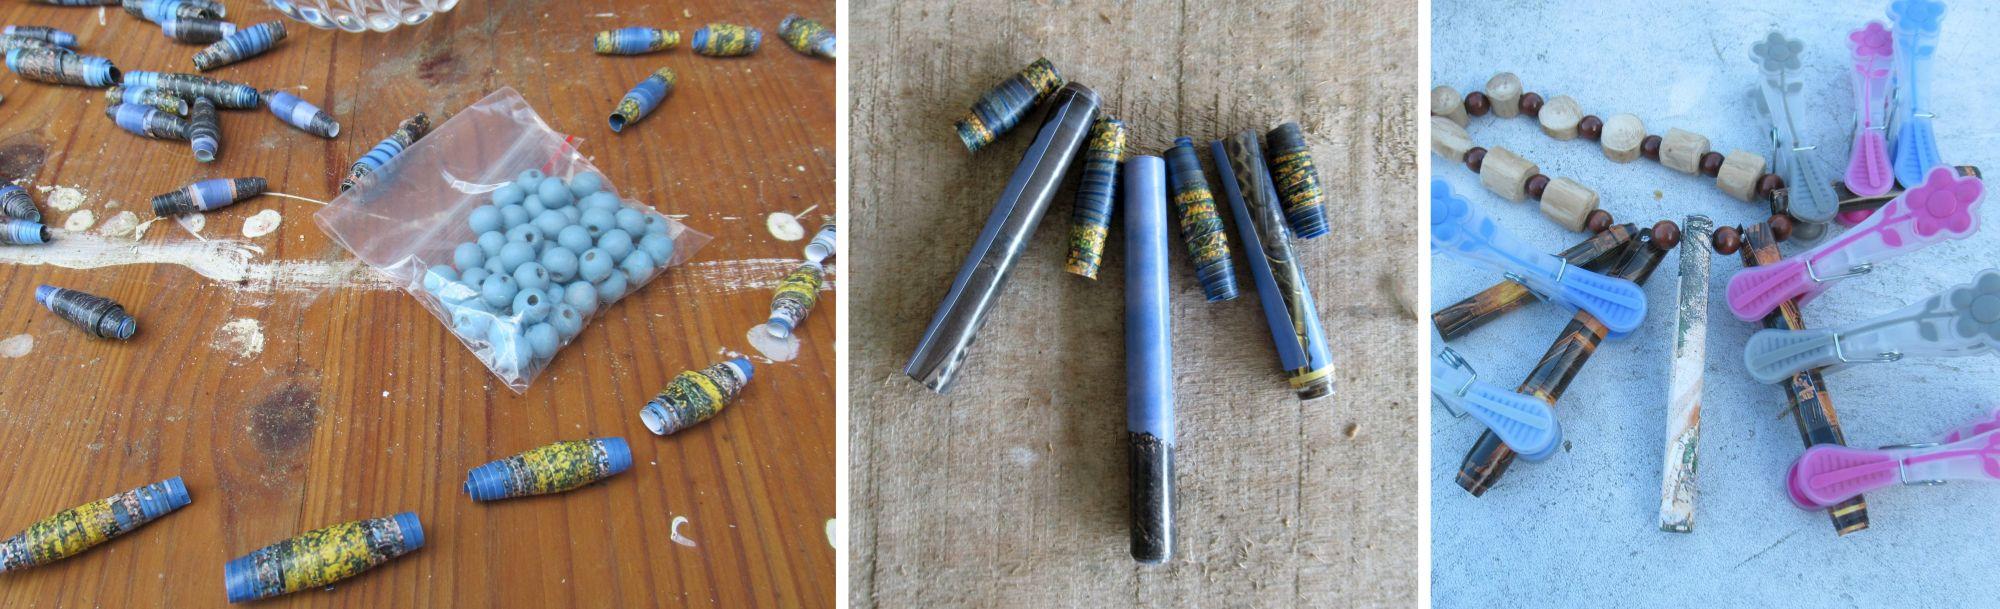 Halsschmuck basteln mit Perlen aus Papier, Anleitung